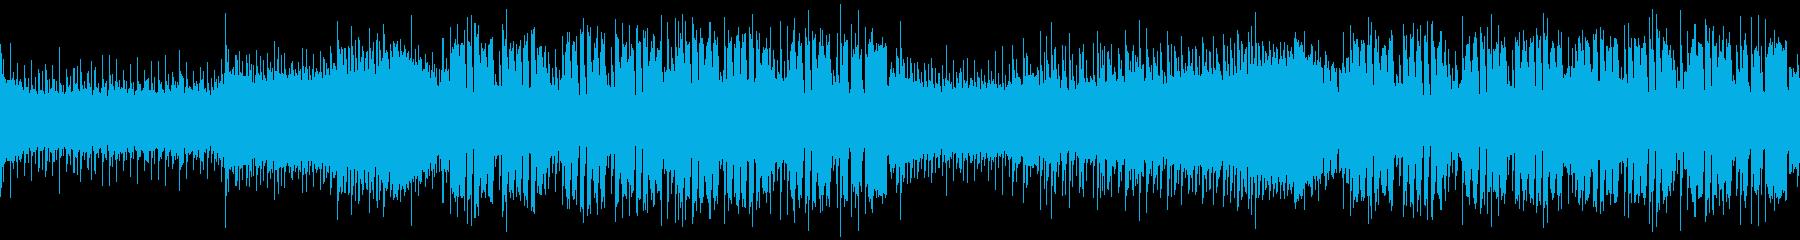 【ループ版】EDM 躍動感・爽やかの再生済みの波形